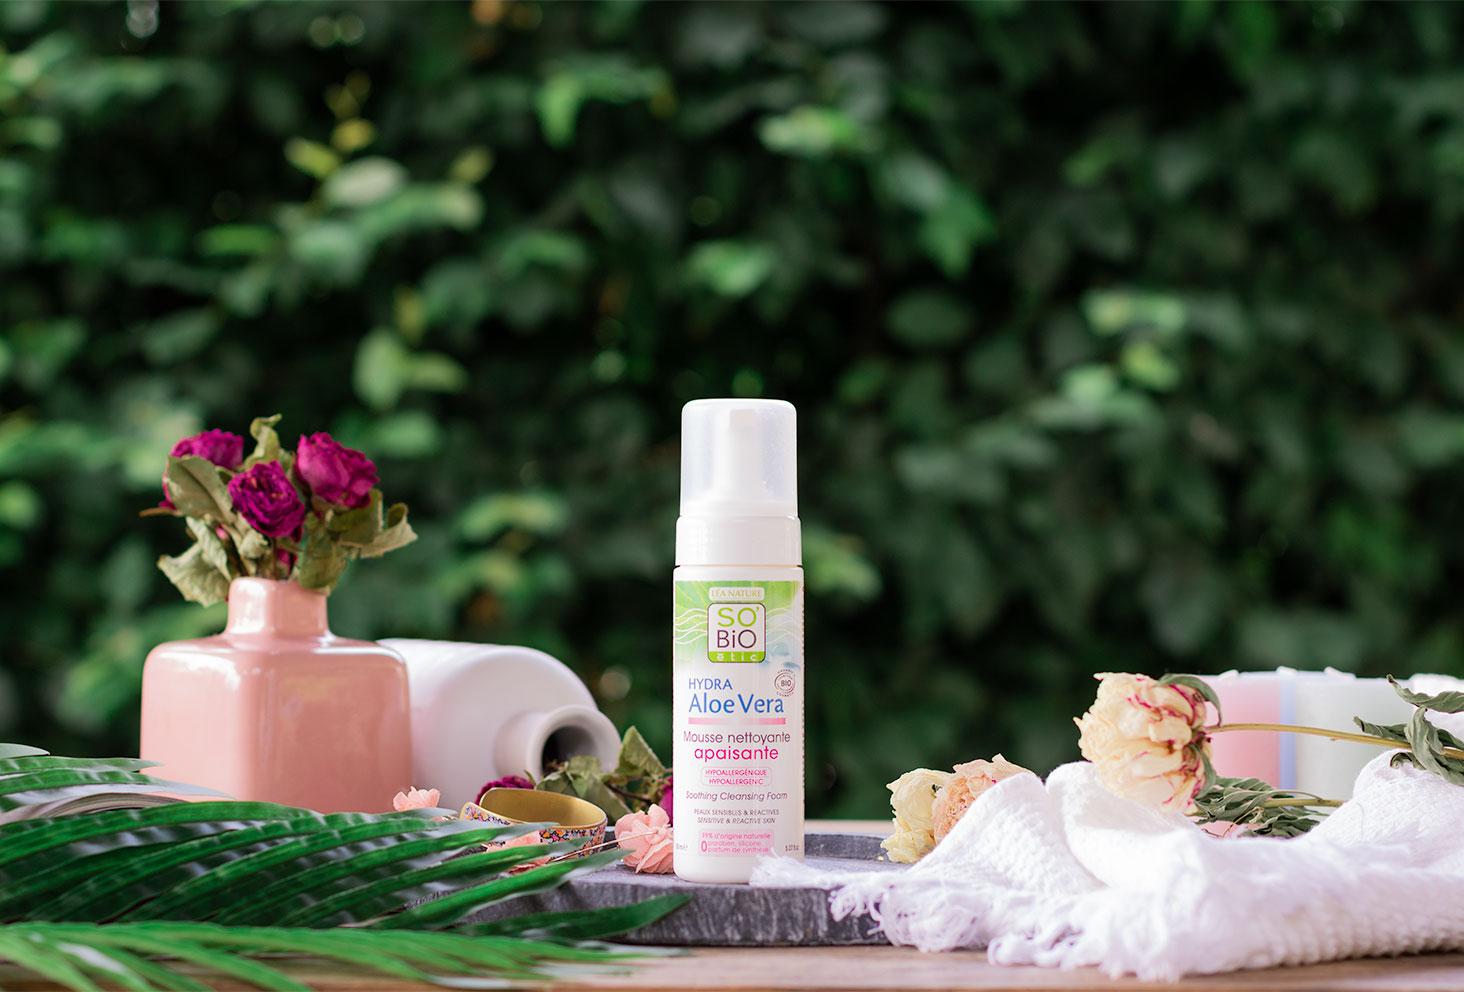 La mousse nettoyante apaisante de SO'BiO étic sur une table en bois au milieu d'une déco de salle de bain au milieu de fleurs séchées